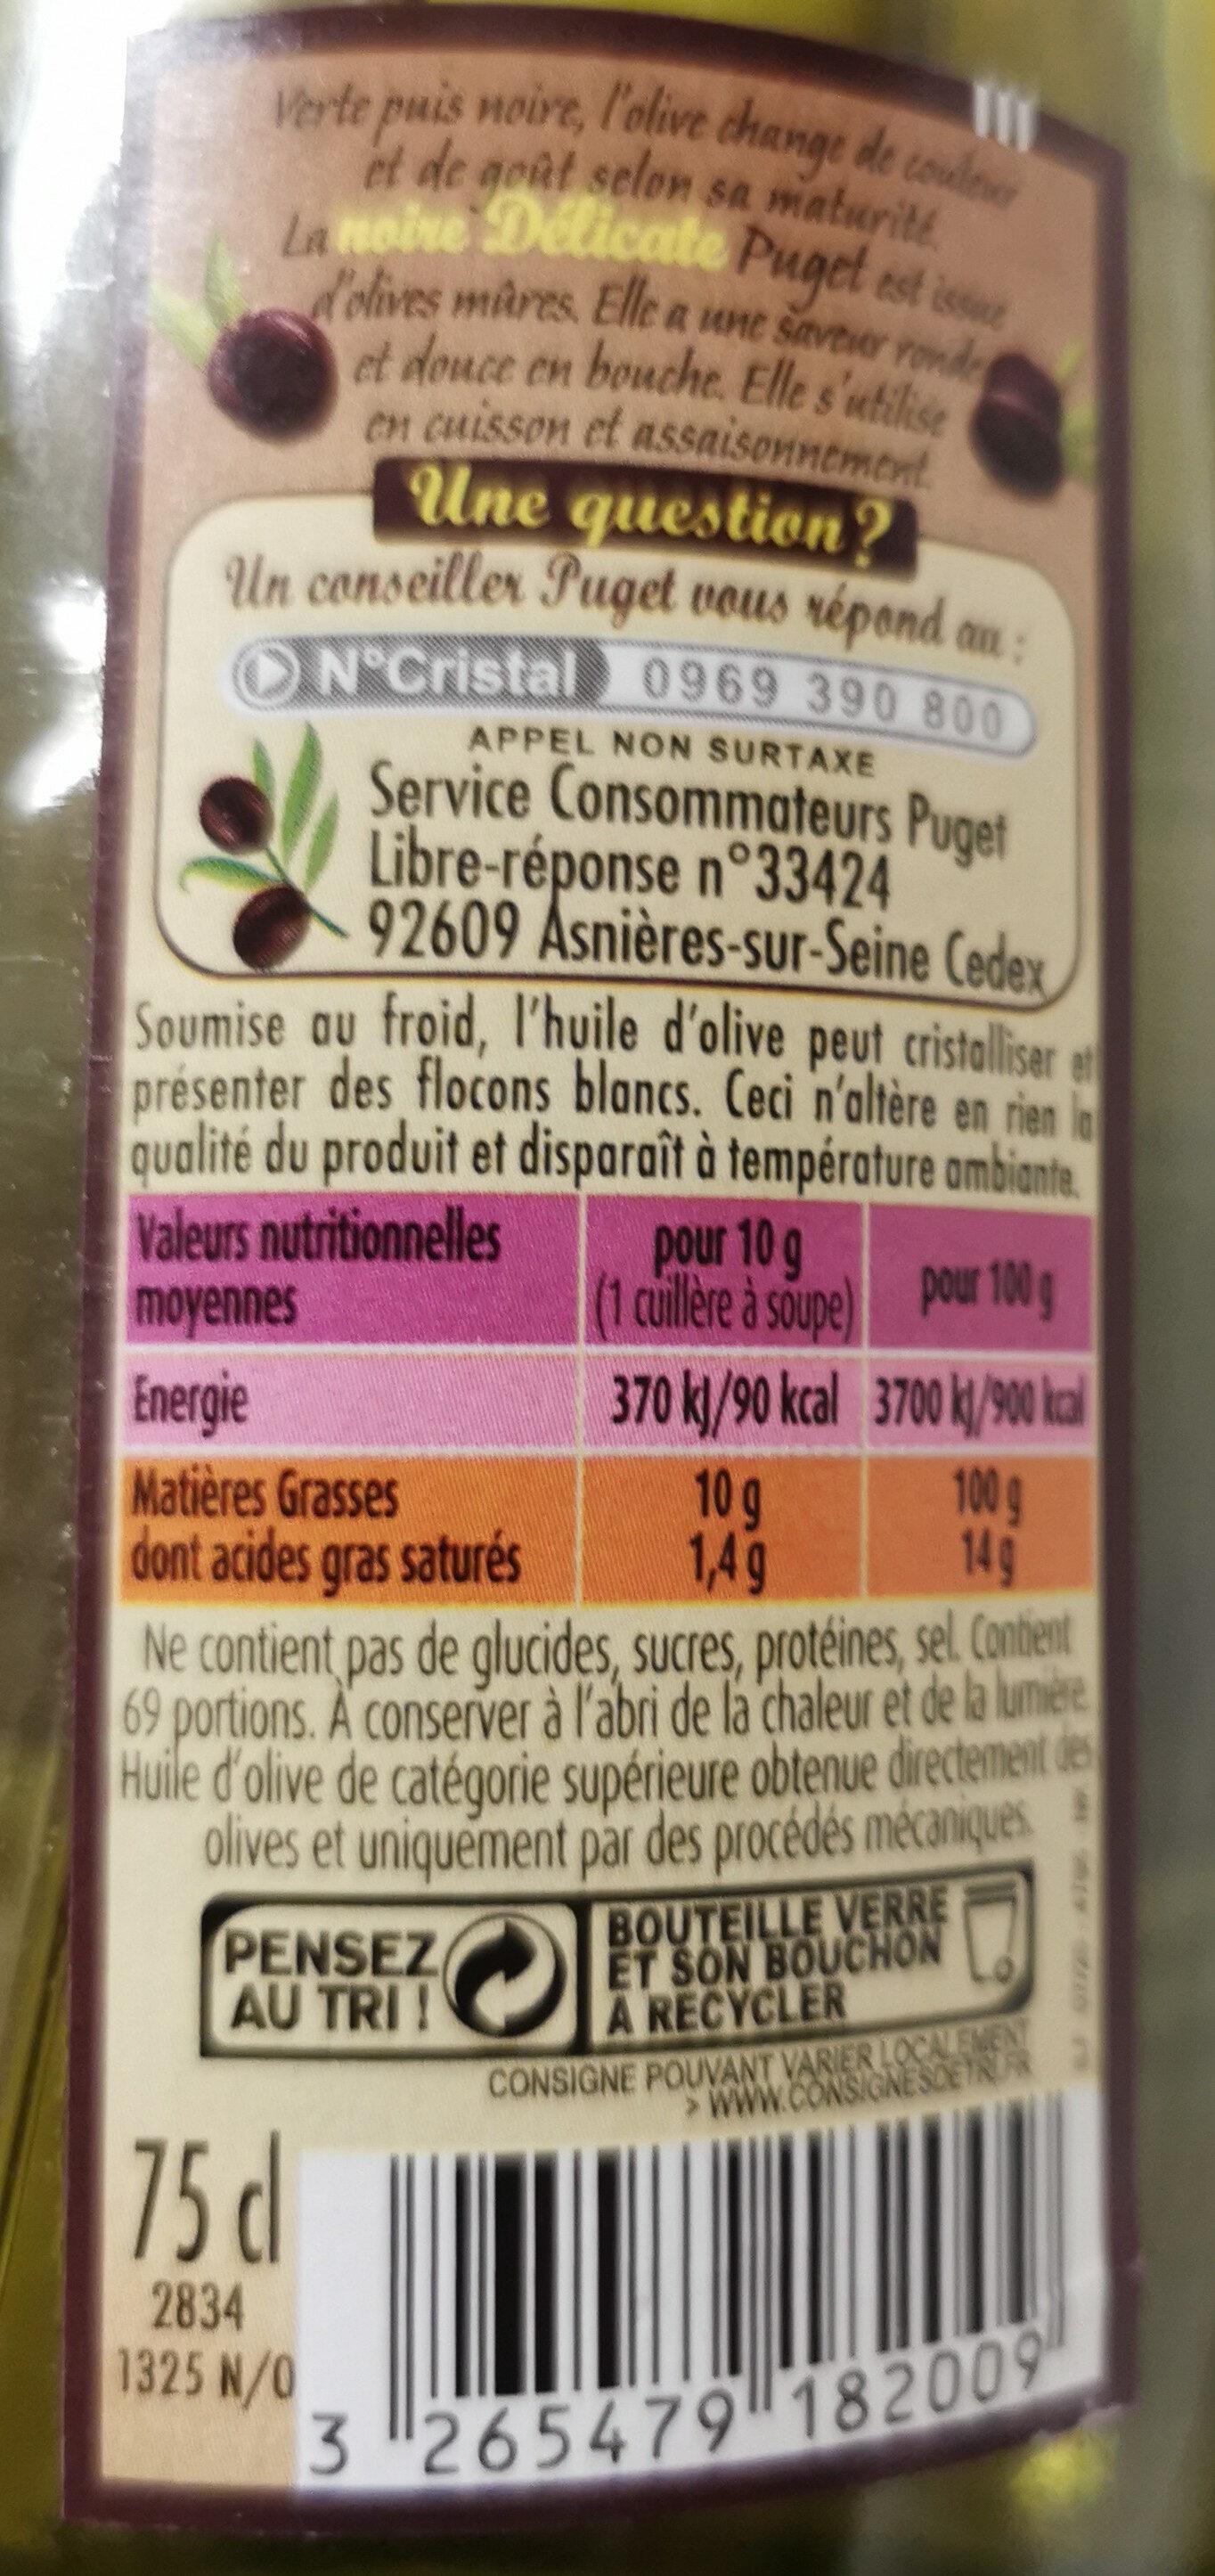 La Noire Délicate - Huile d'olive vierge extra - Ingredients - fr